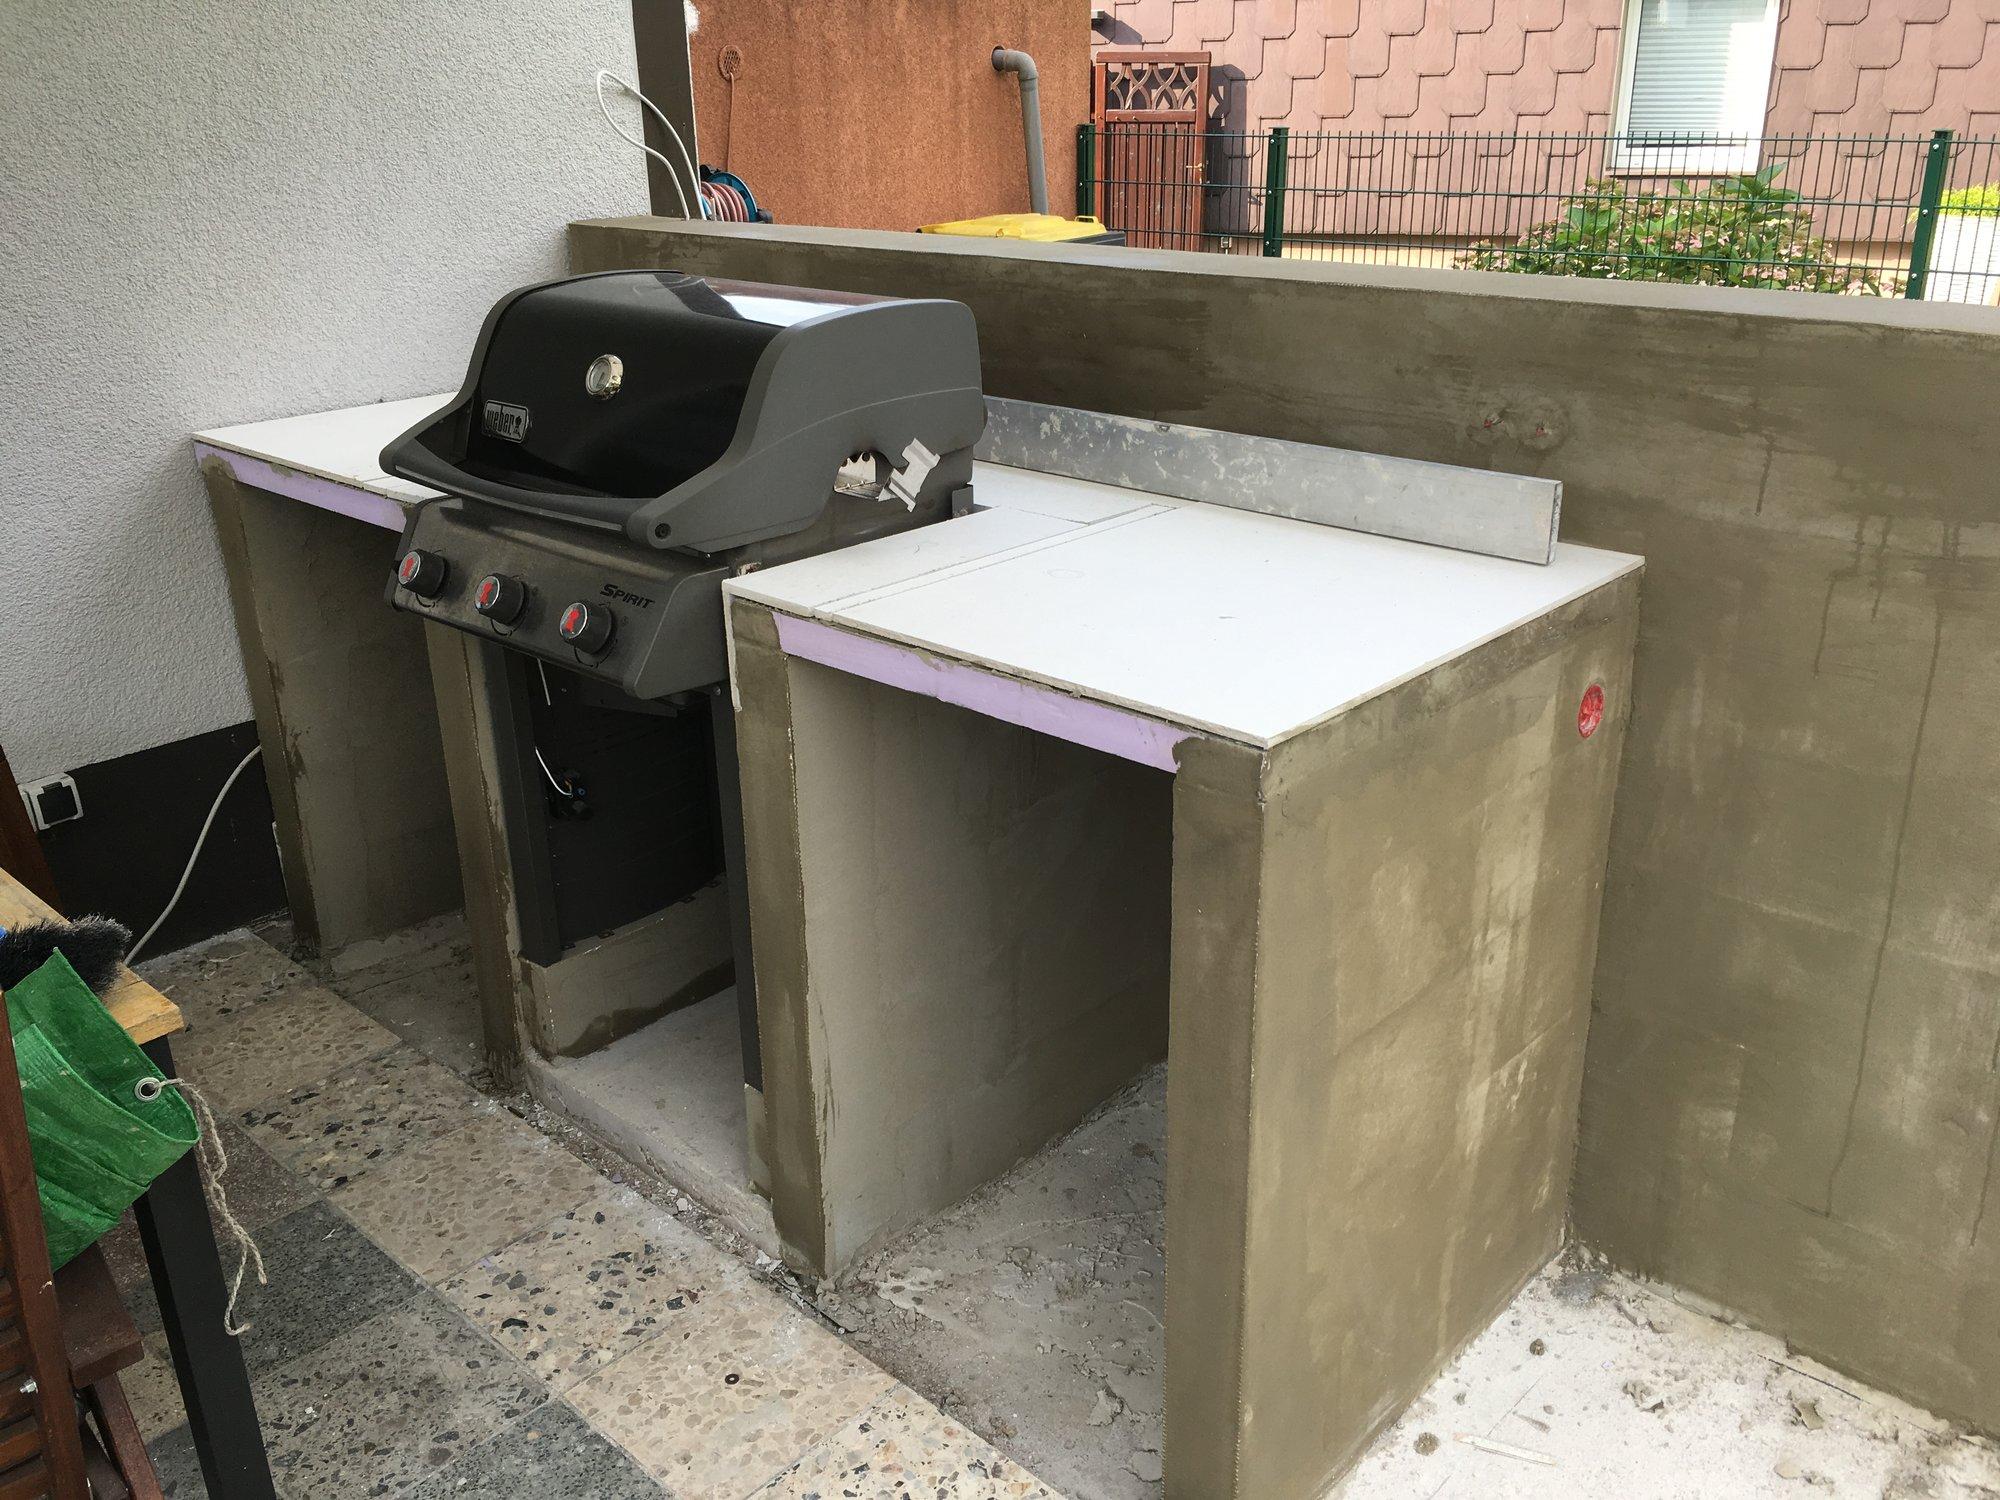 Tiba Outdoor Küchen : Outdoor küche selber bauen mobil. arbeitsplatte küche günstig